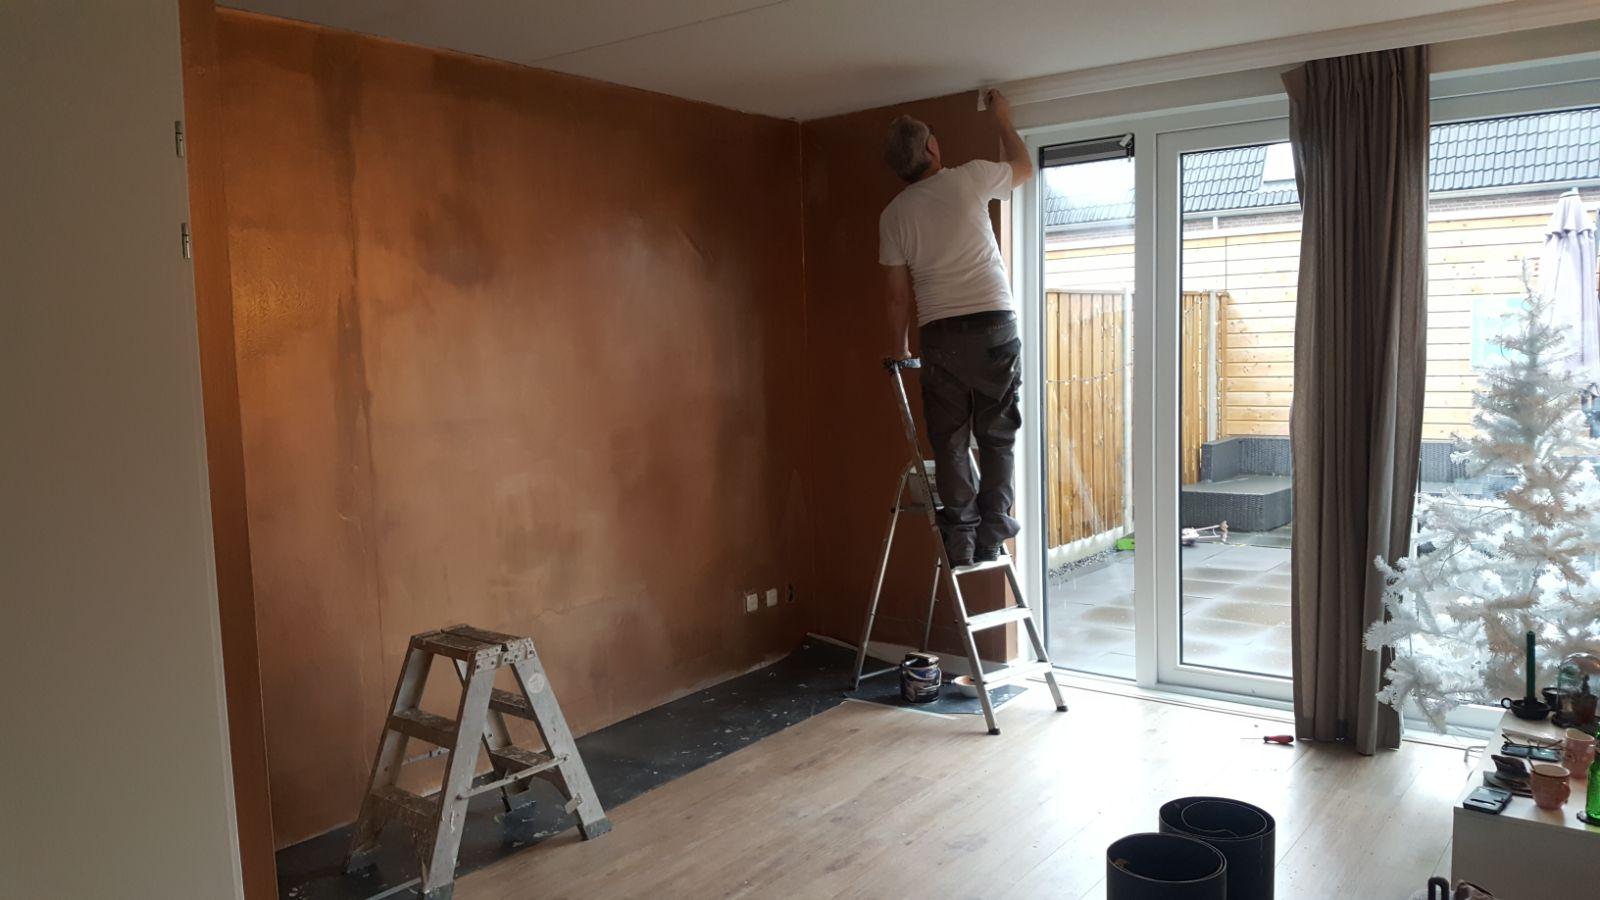 Project: verbouwing van de woonkamer – I scream beauty